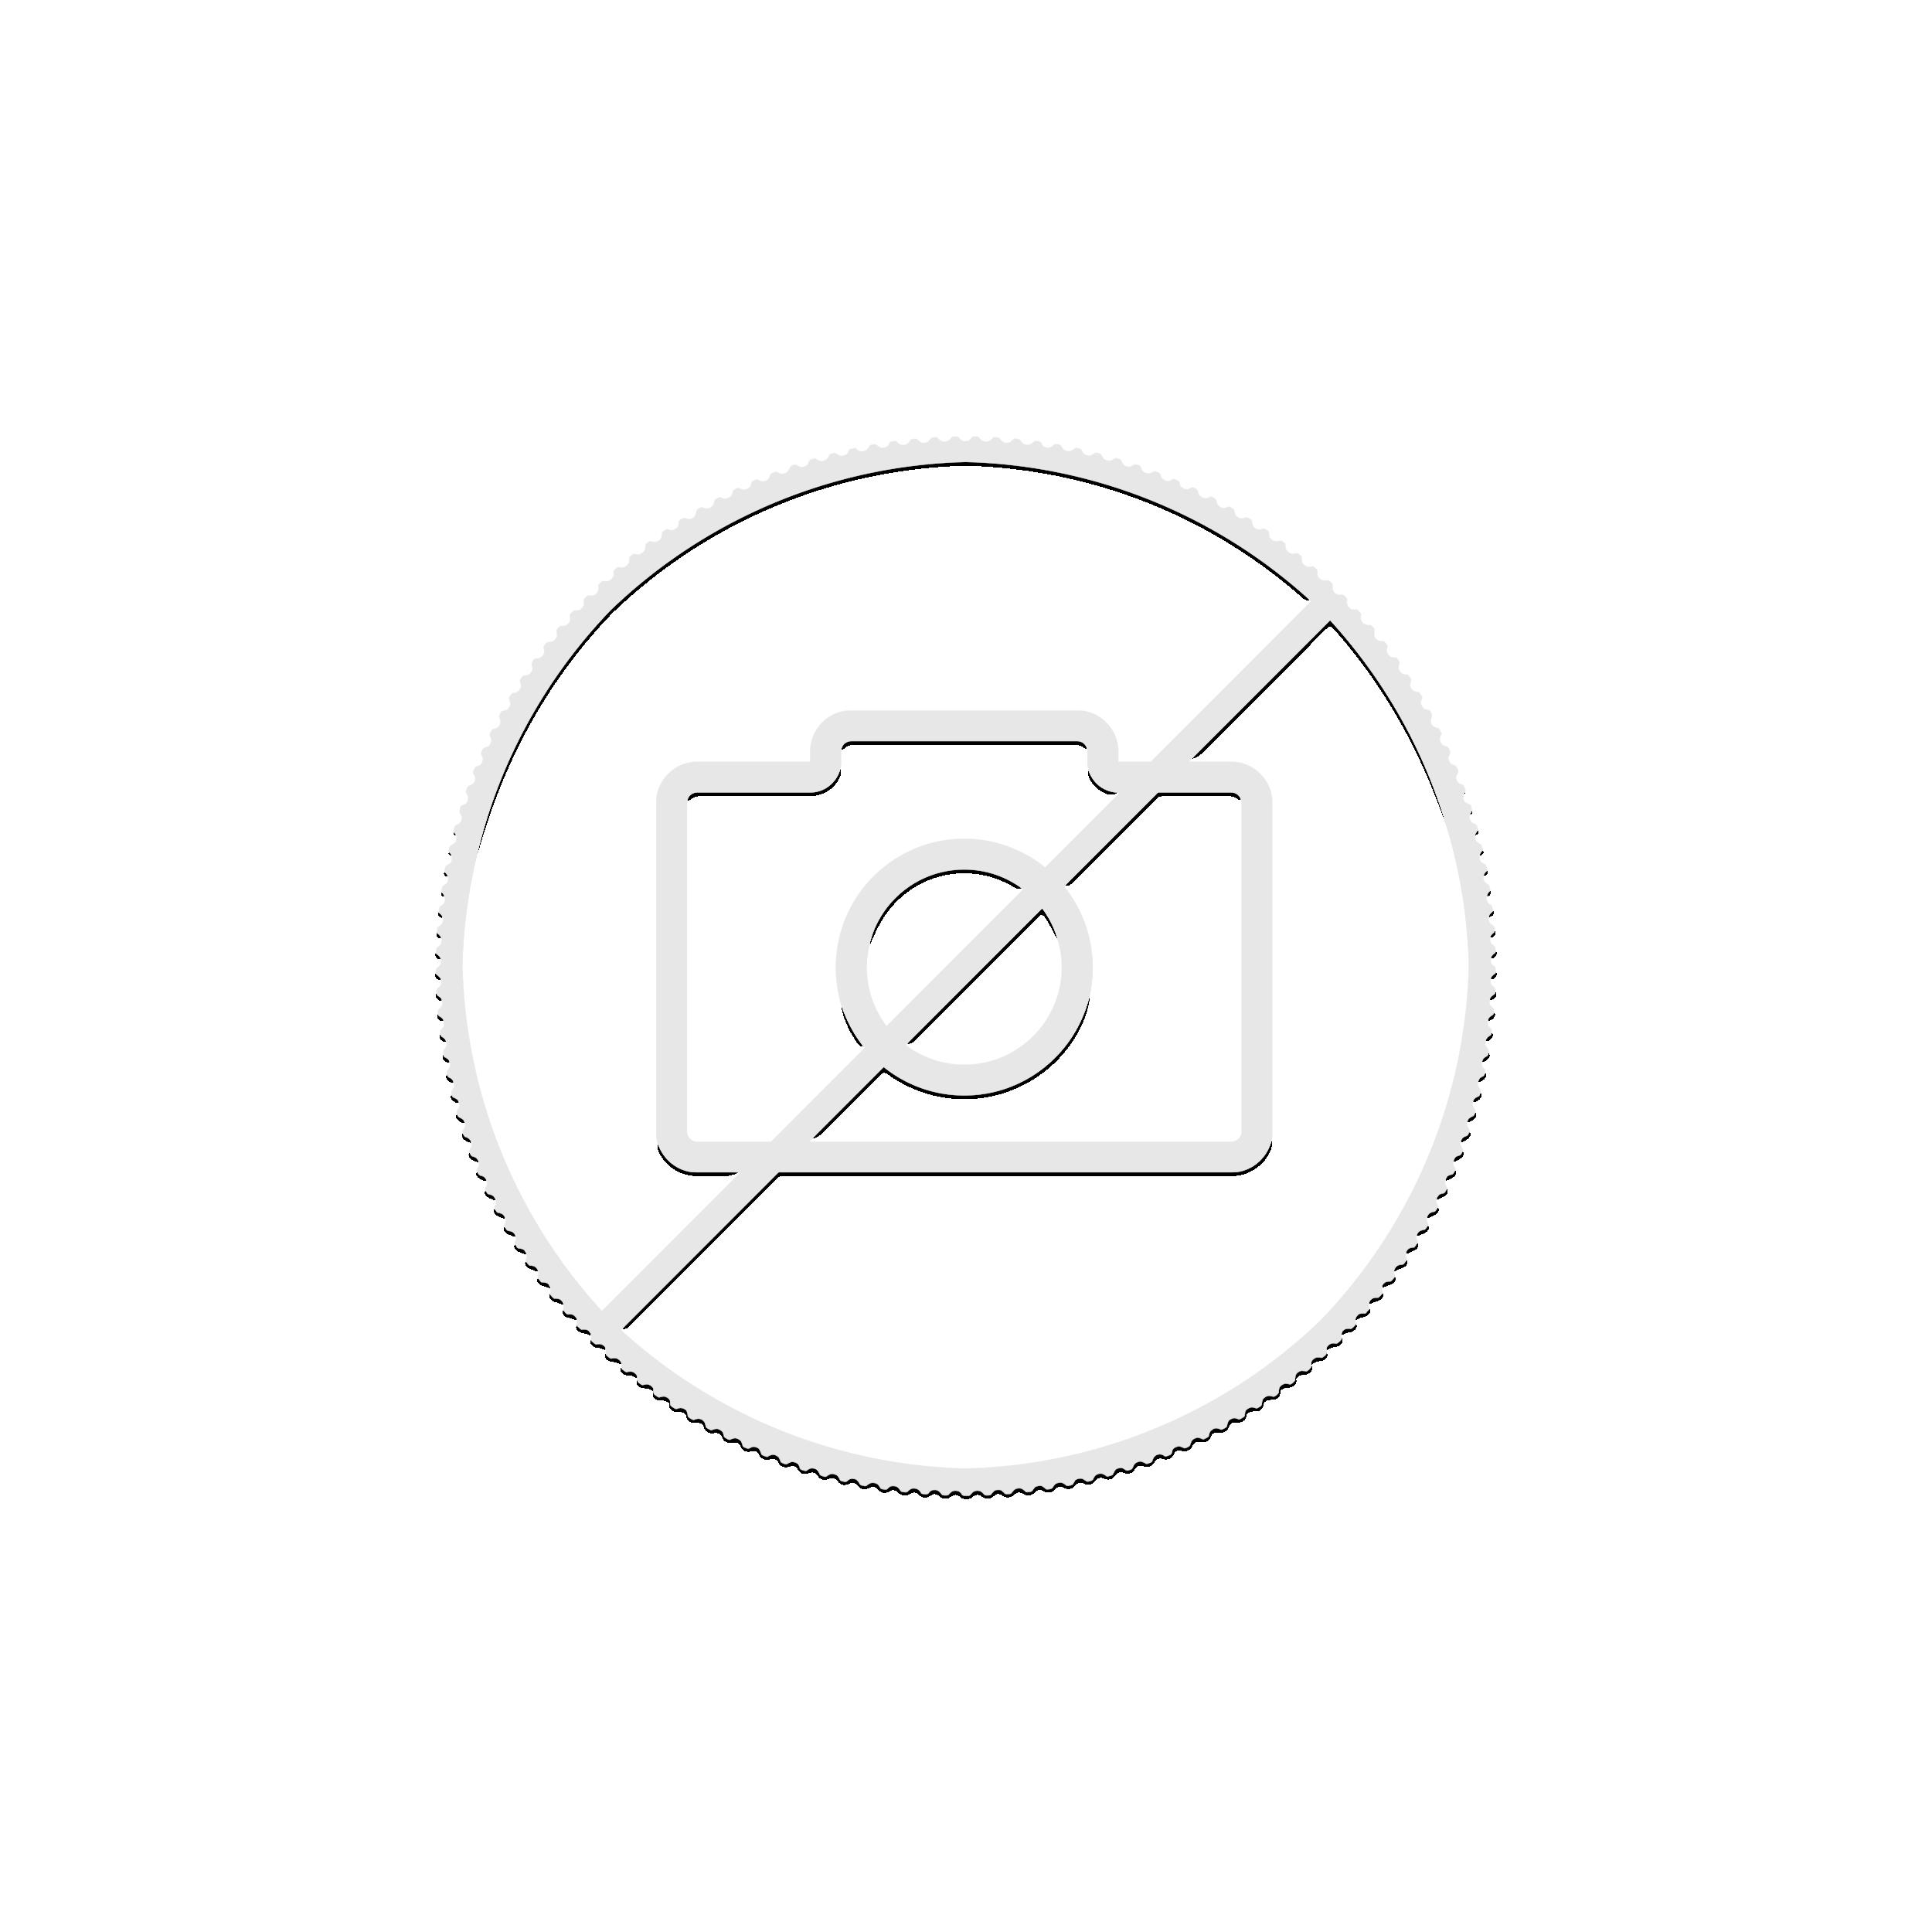 1 Troy ounce zilveren munt Lunar 2010 (Lunar II series)